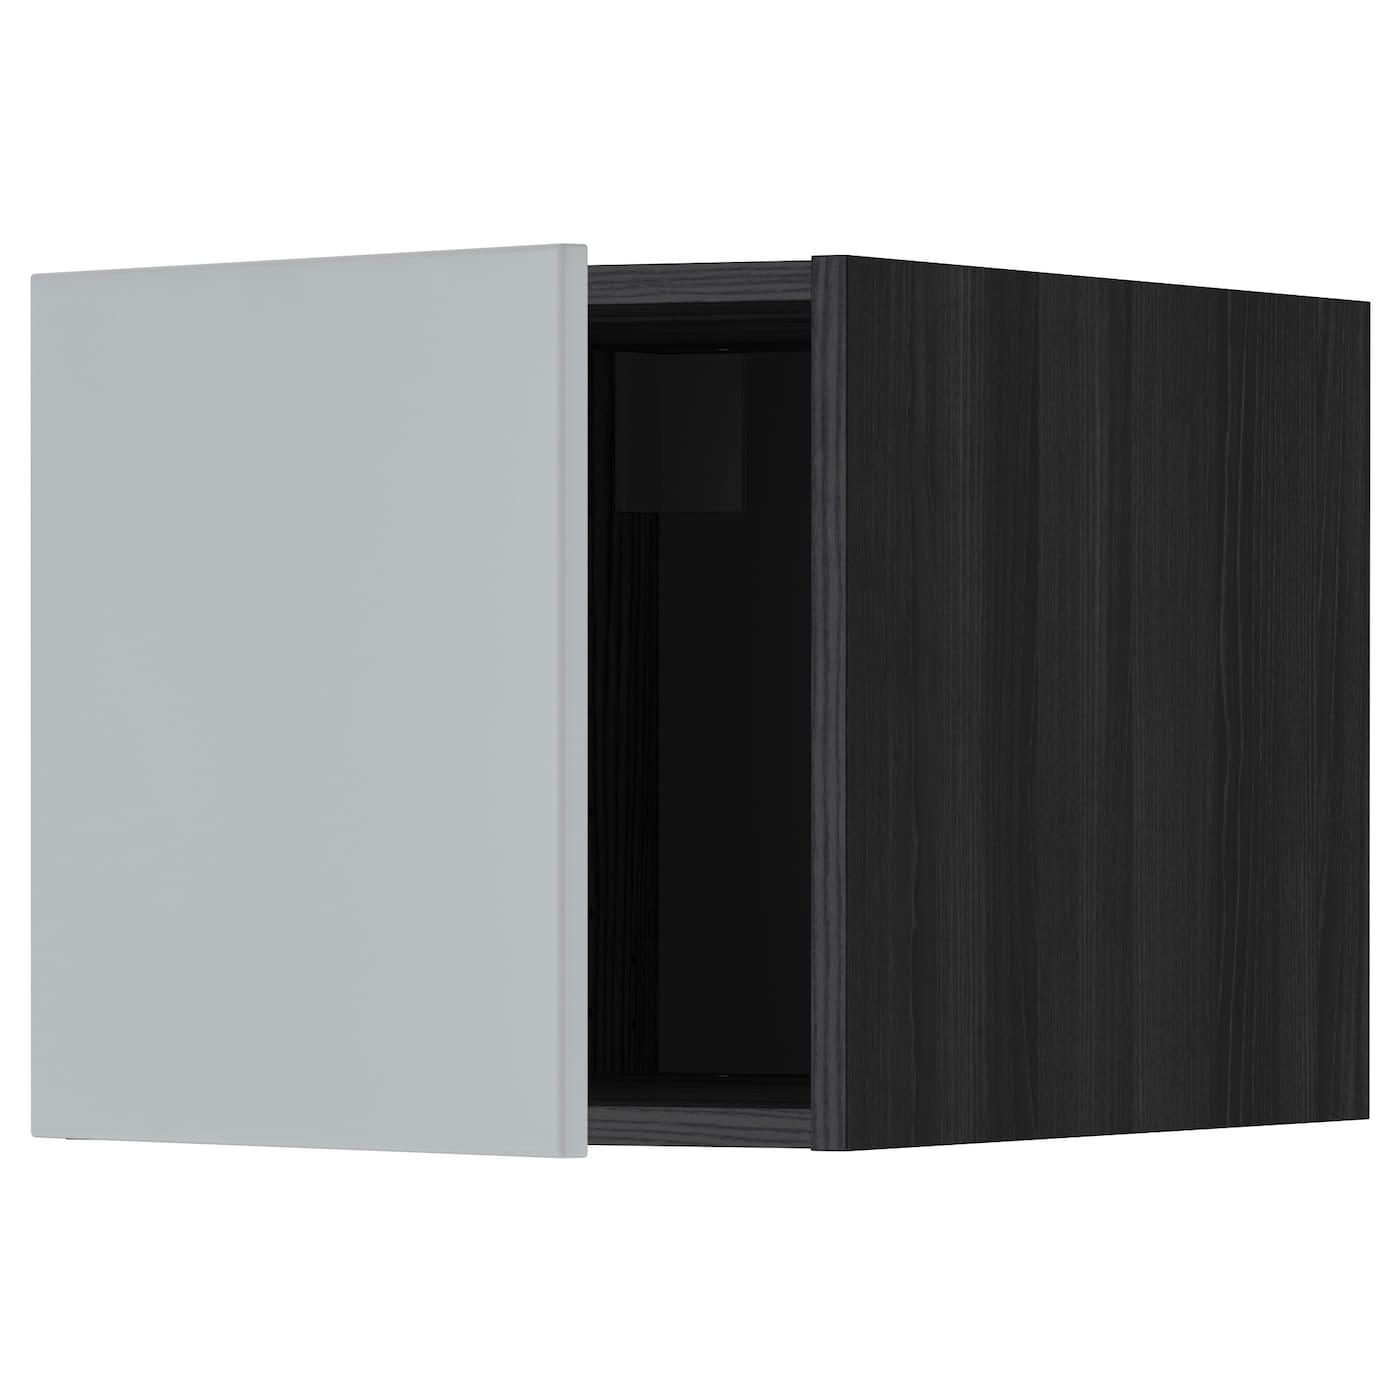 metod top cabinet black veddinge grey 40x40 cm ikea. Black Bedroom Furniture Sets. Home Design Ideas